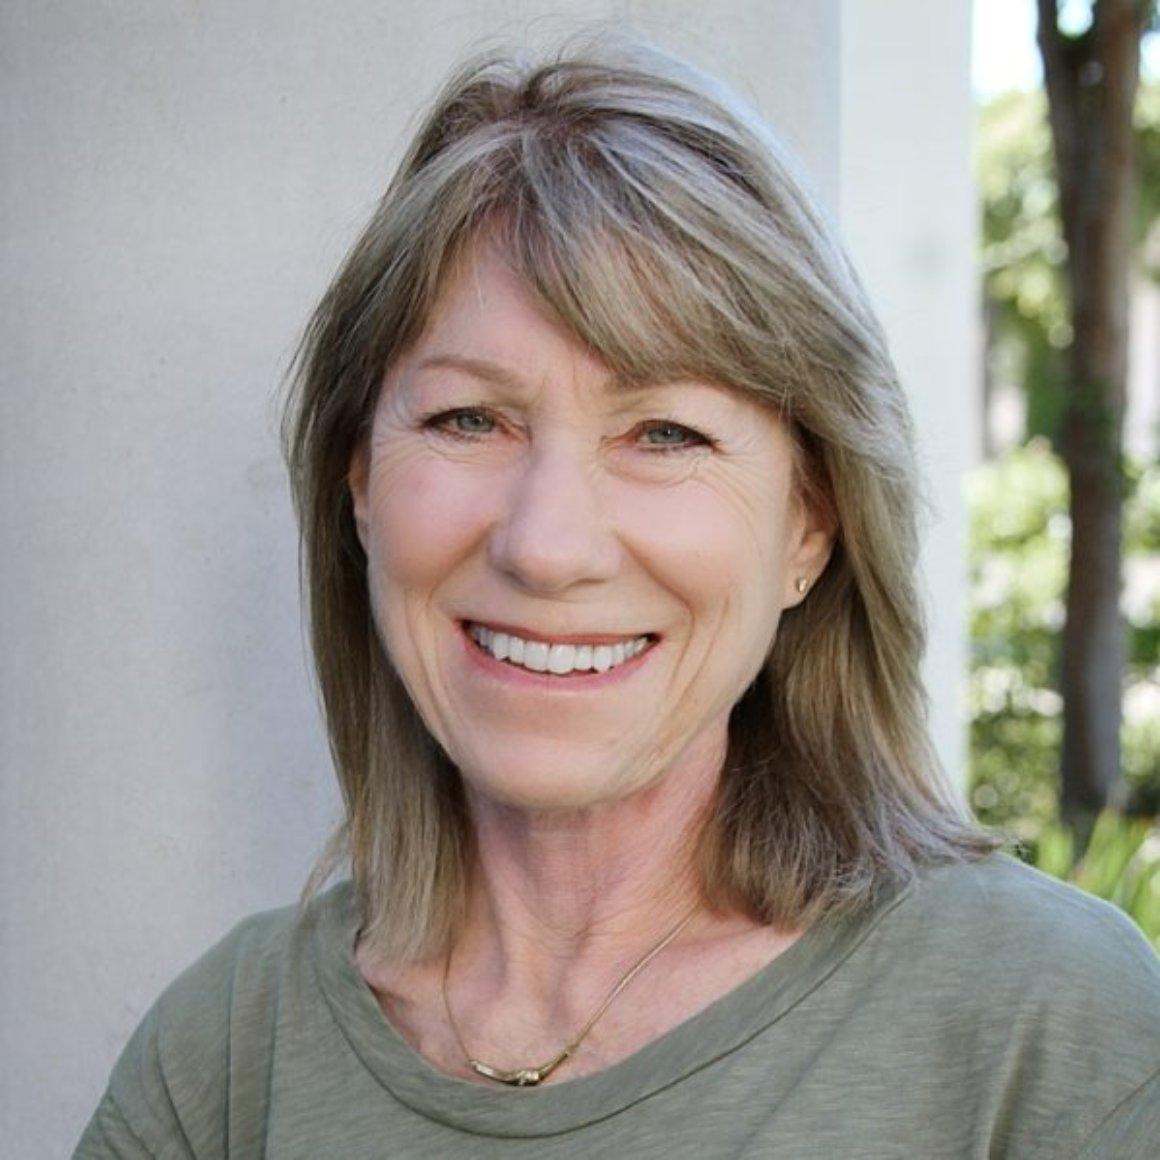 Gail Miller-compressed doc